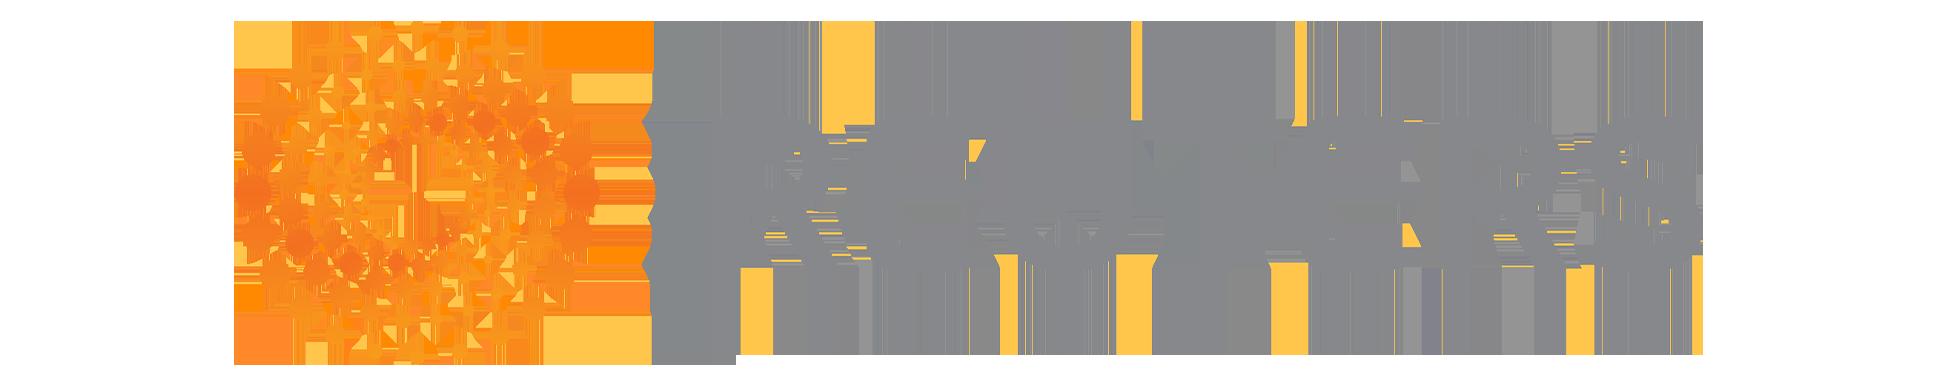 reuters-color